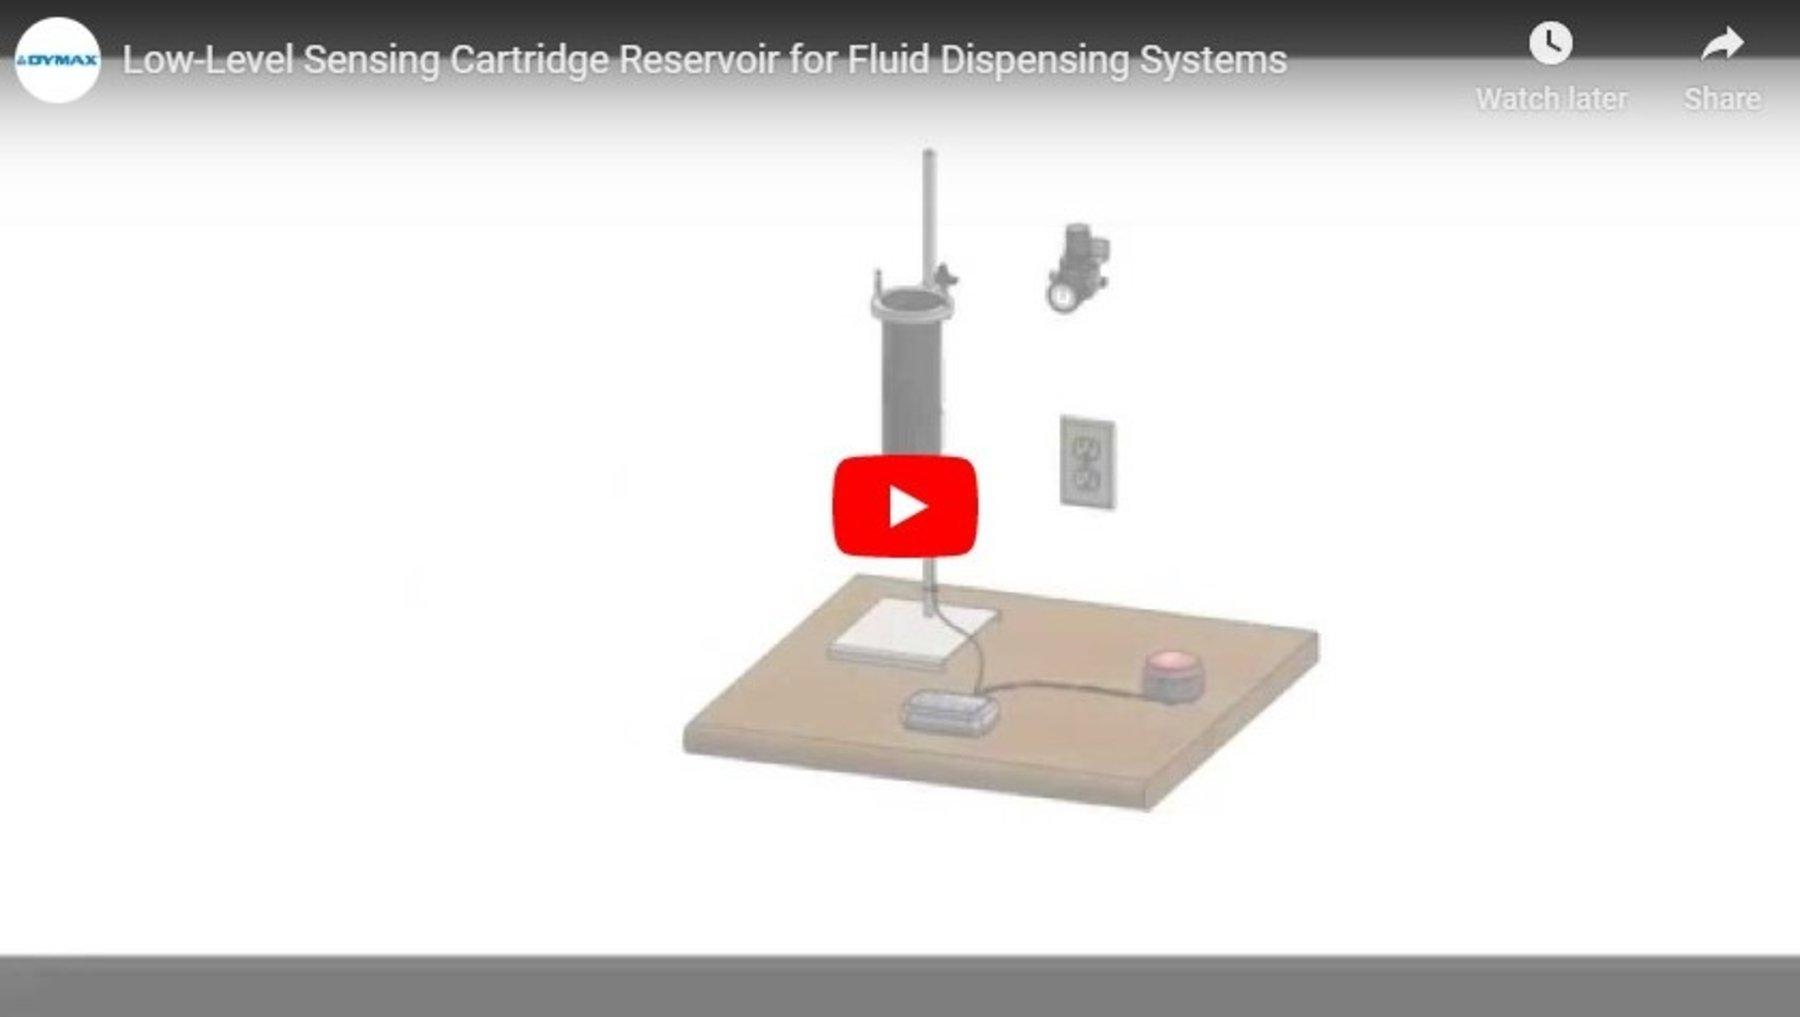 Low-Level Sensing Cartridge Reservoir for Fluid Dispensing Systems